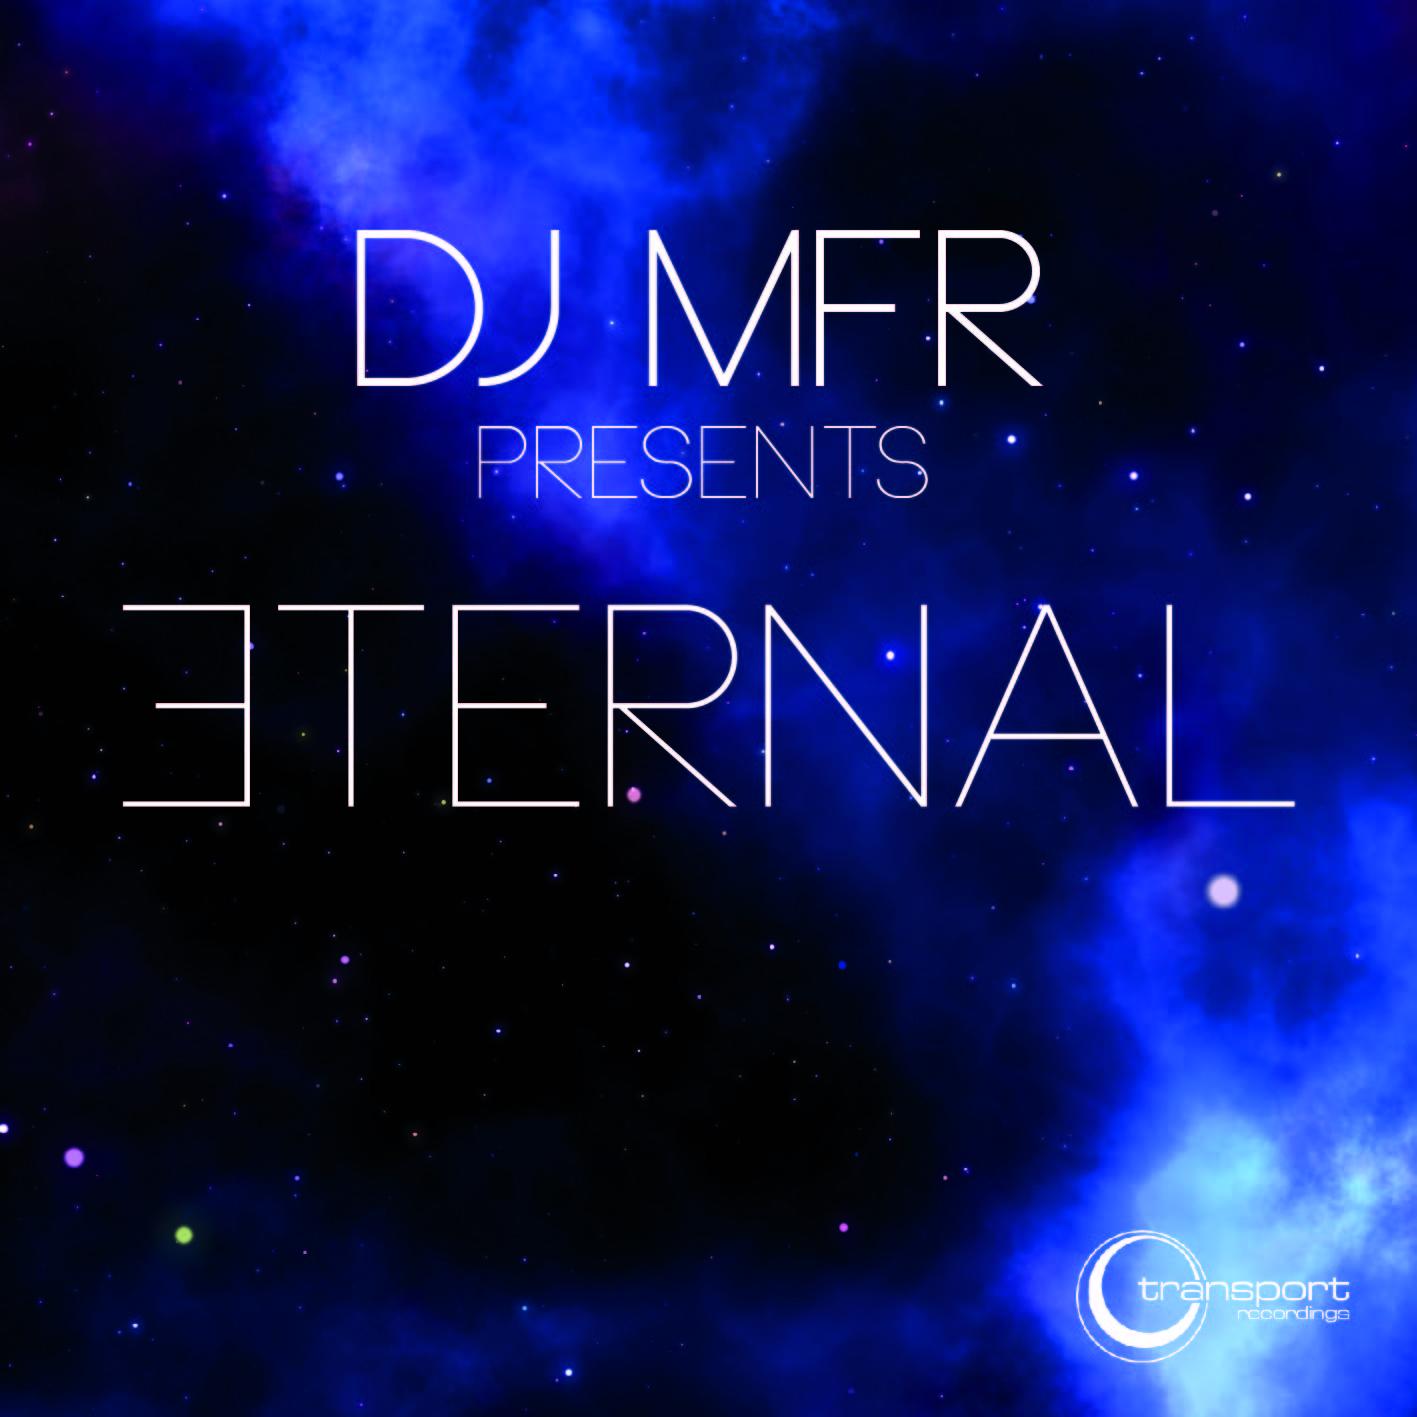 DJ MFR - Eternal